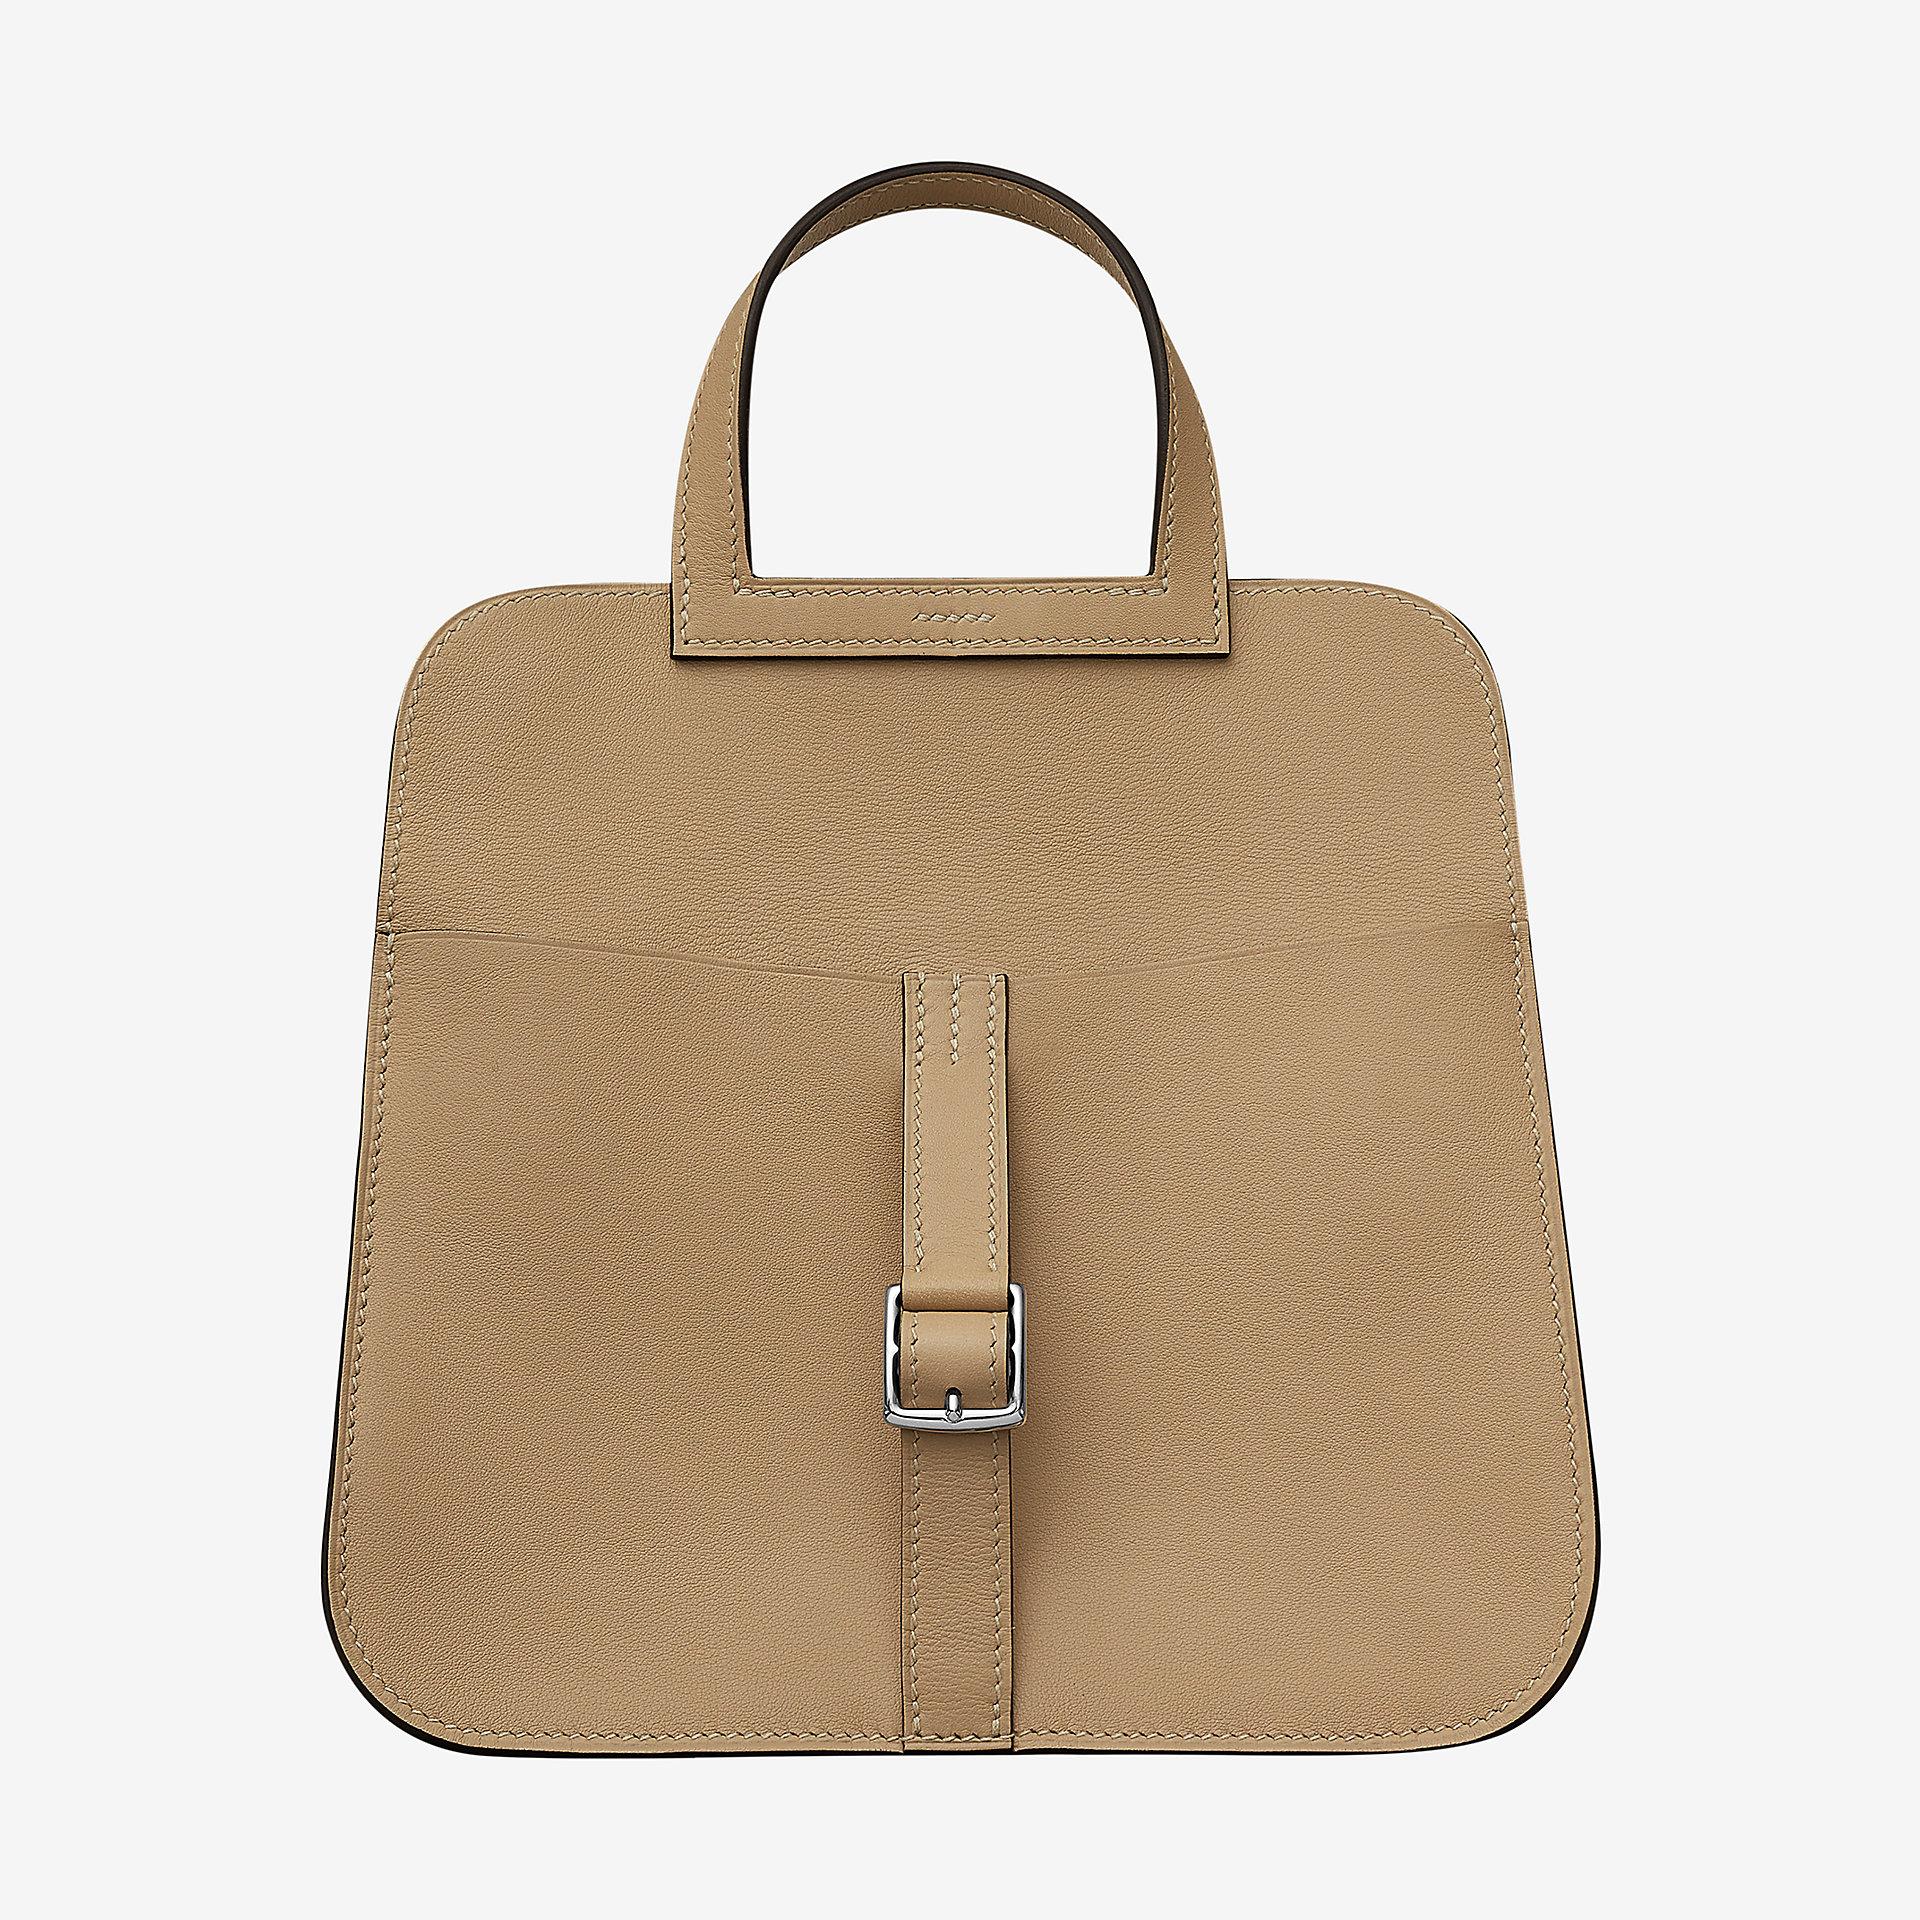 爱马仕Hermes Halzan mini bag Swift calfskin 小牛皮手提包